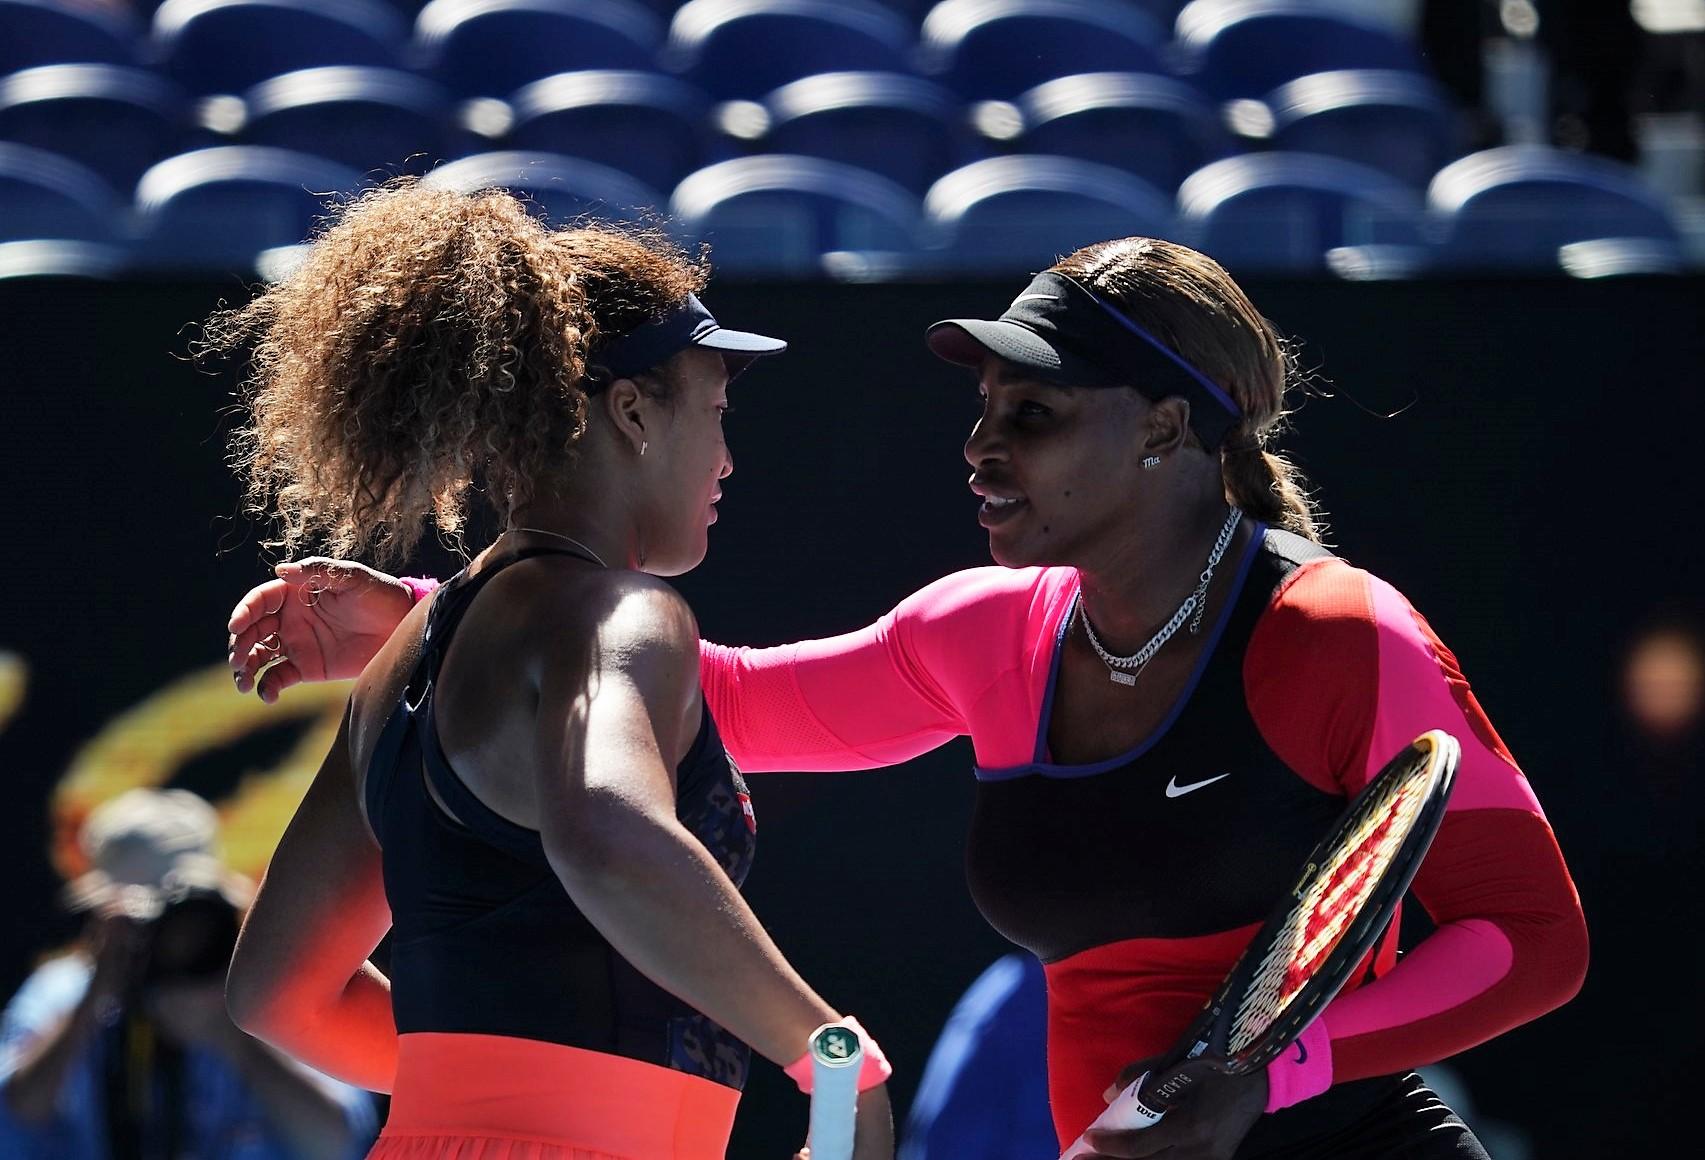 セリーナ テニス